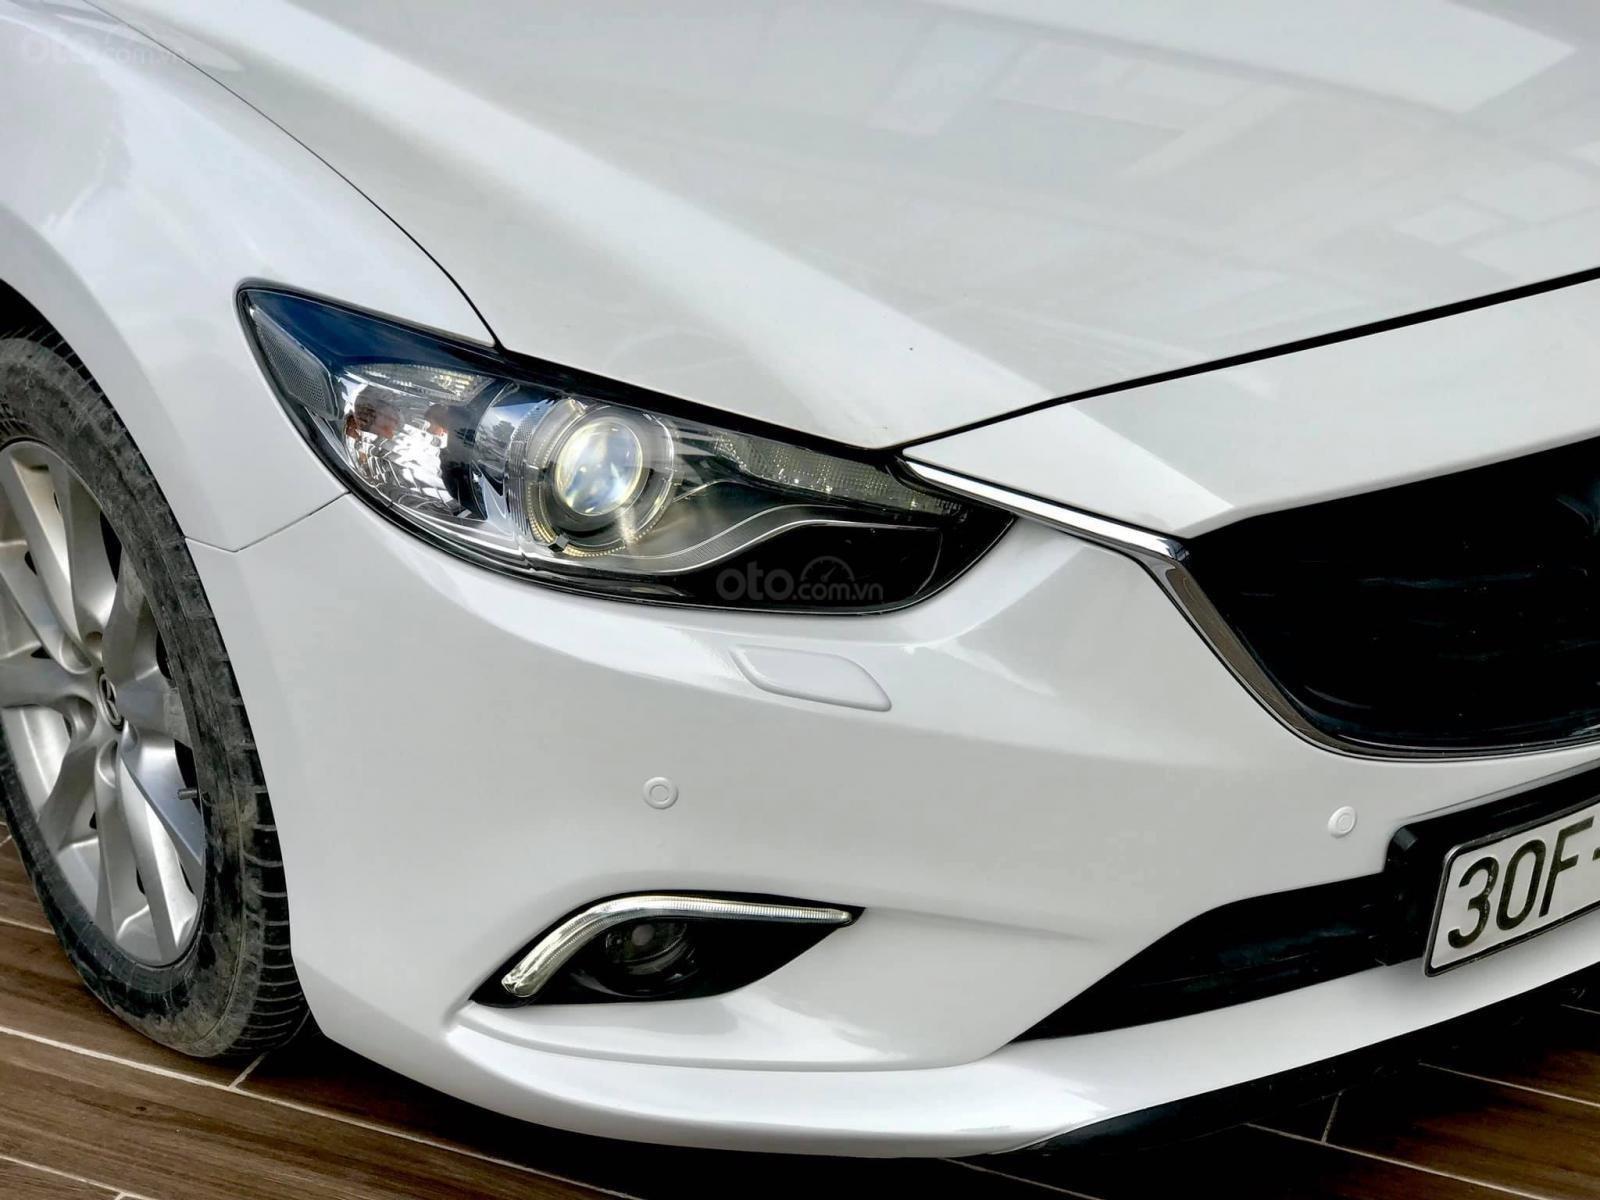 Cần bán Mazda 6 2.0 sản xuất 2016, màu trắng (5)